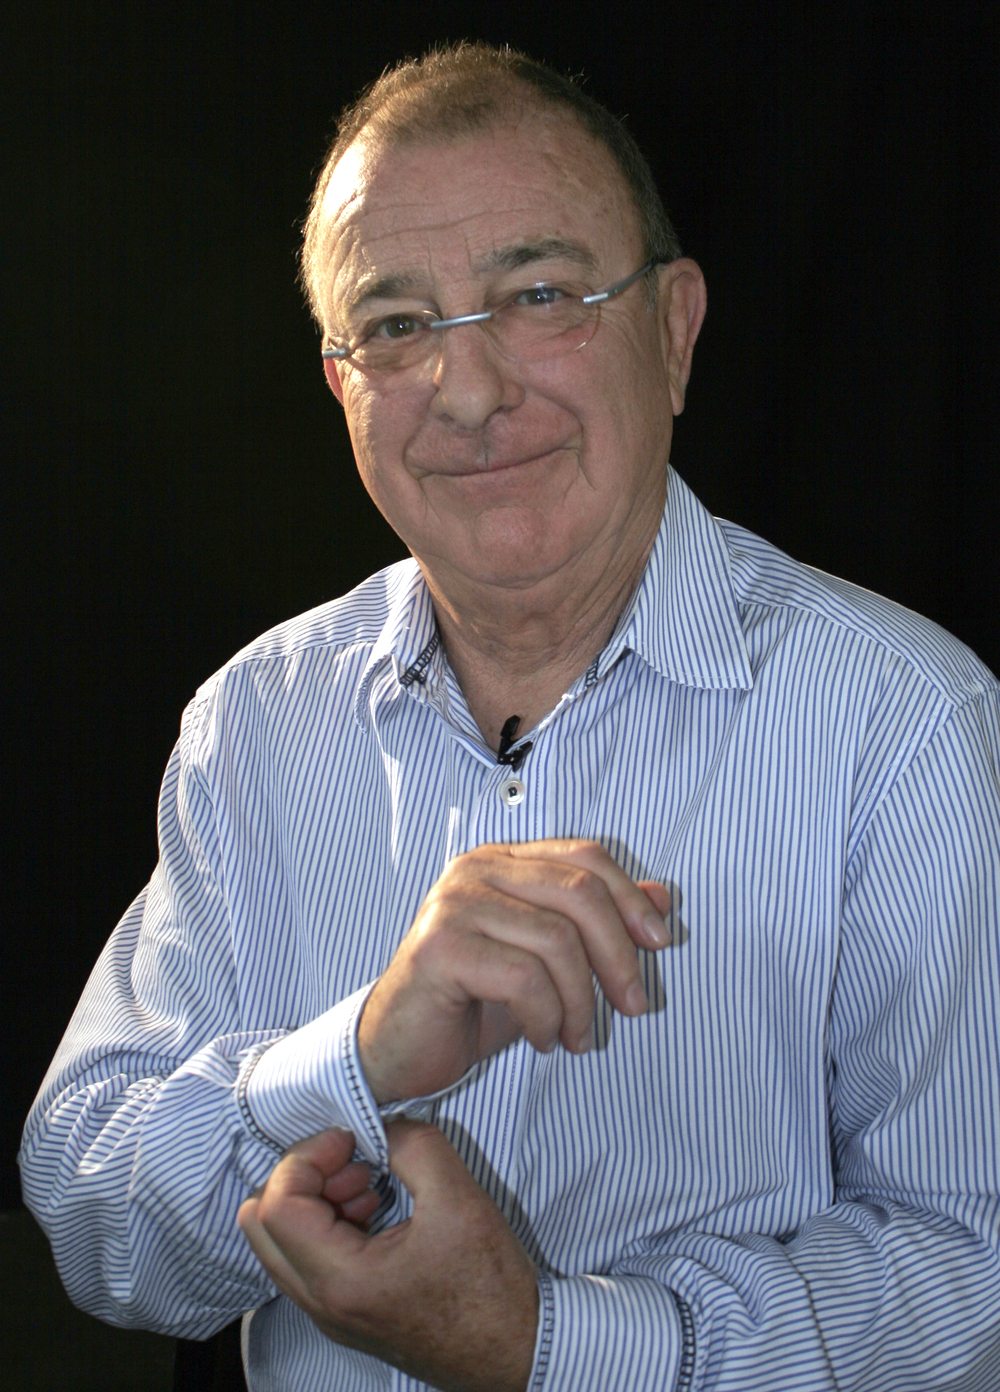 Ed McCabe